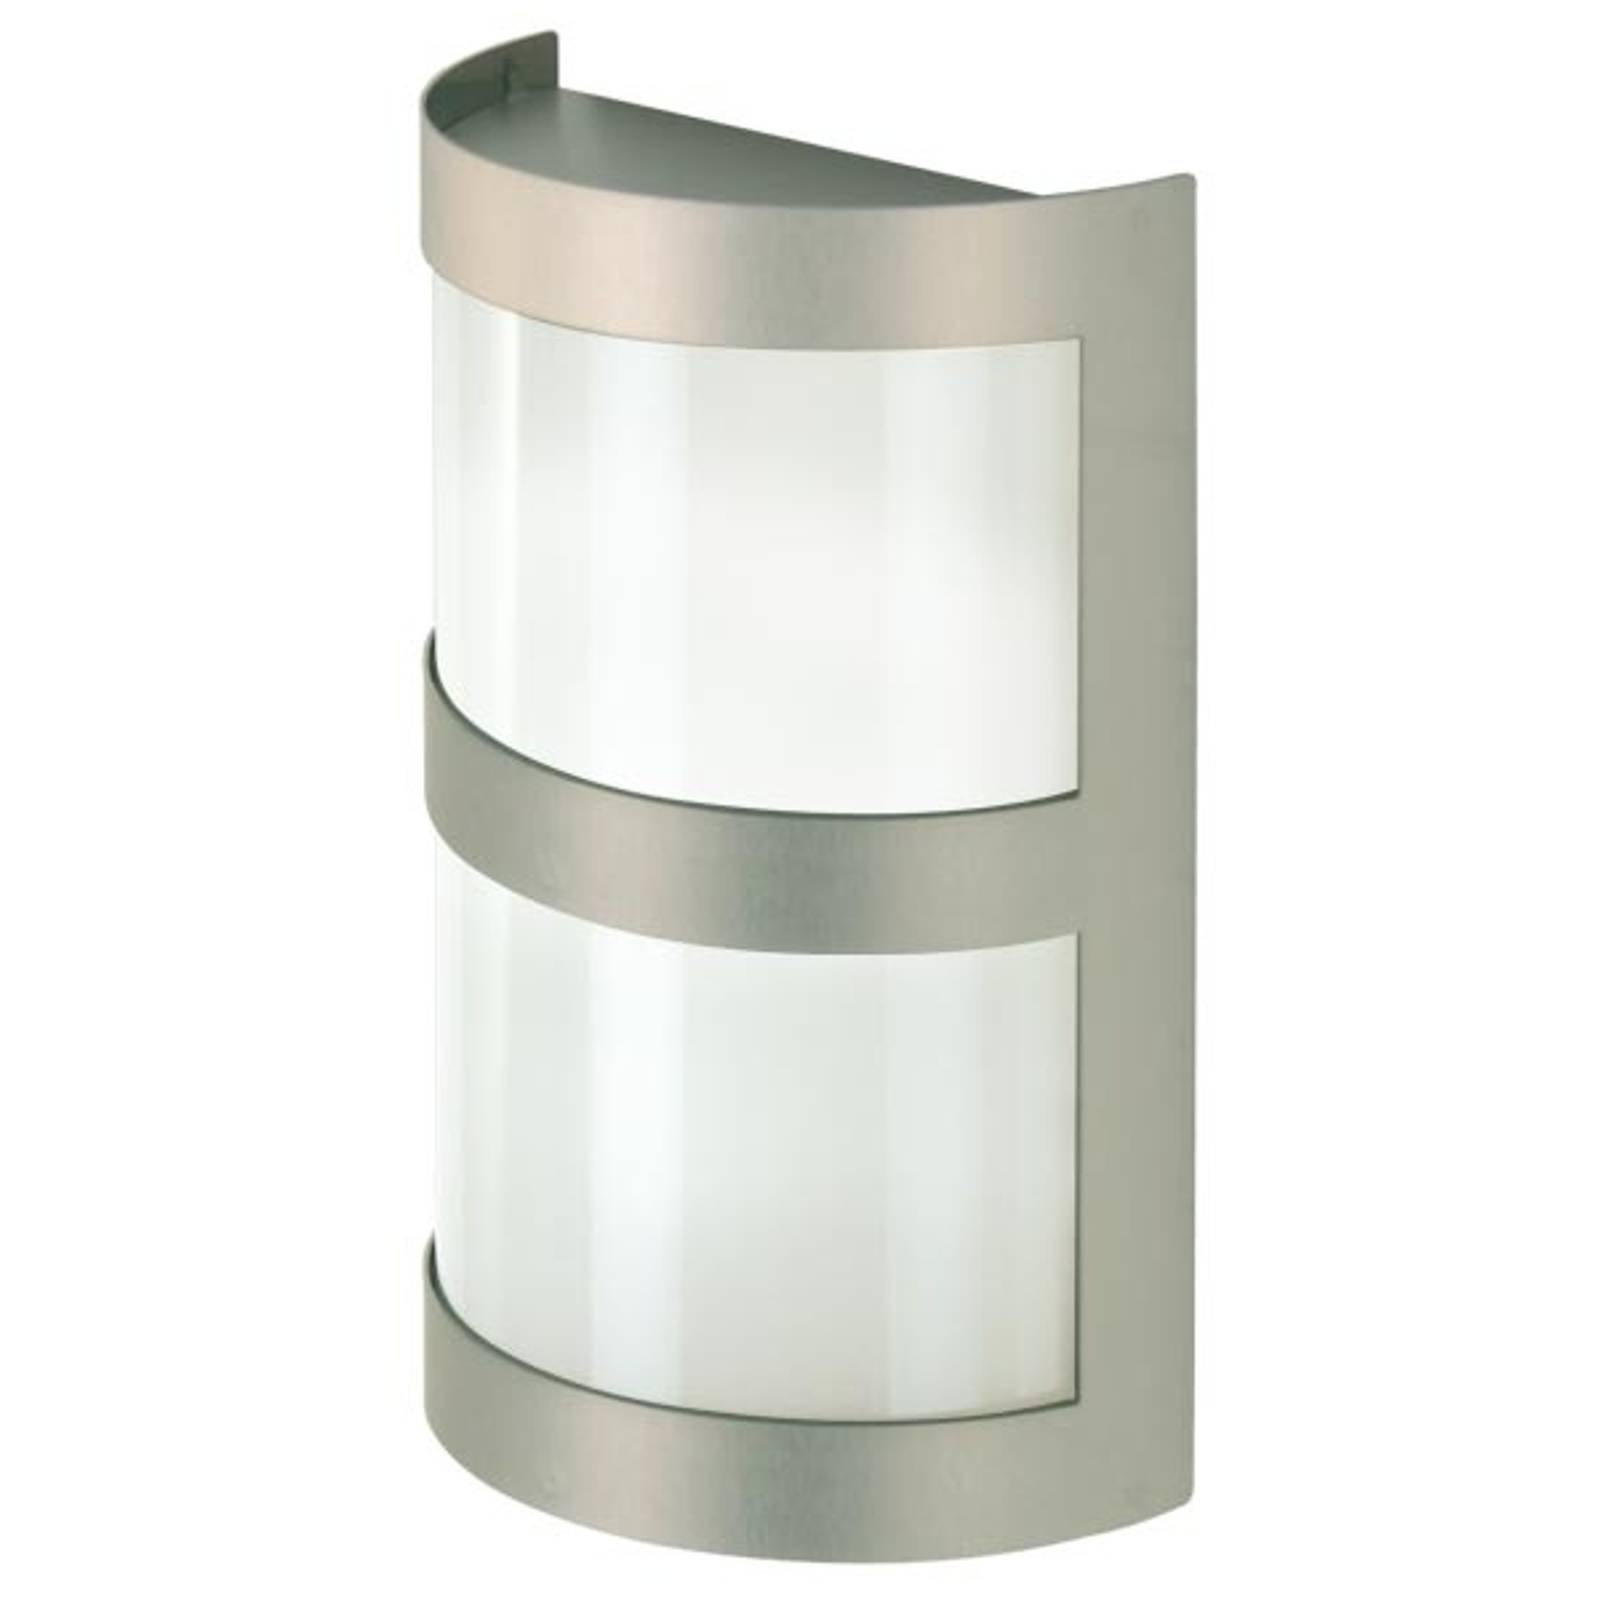 Vegglampe i rustfritt stål. Produsert i Tyskland